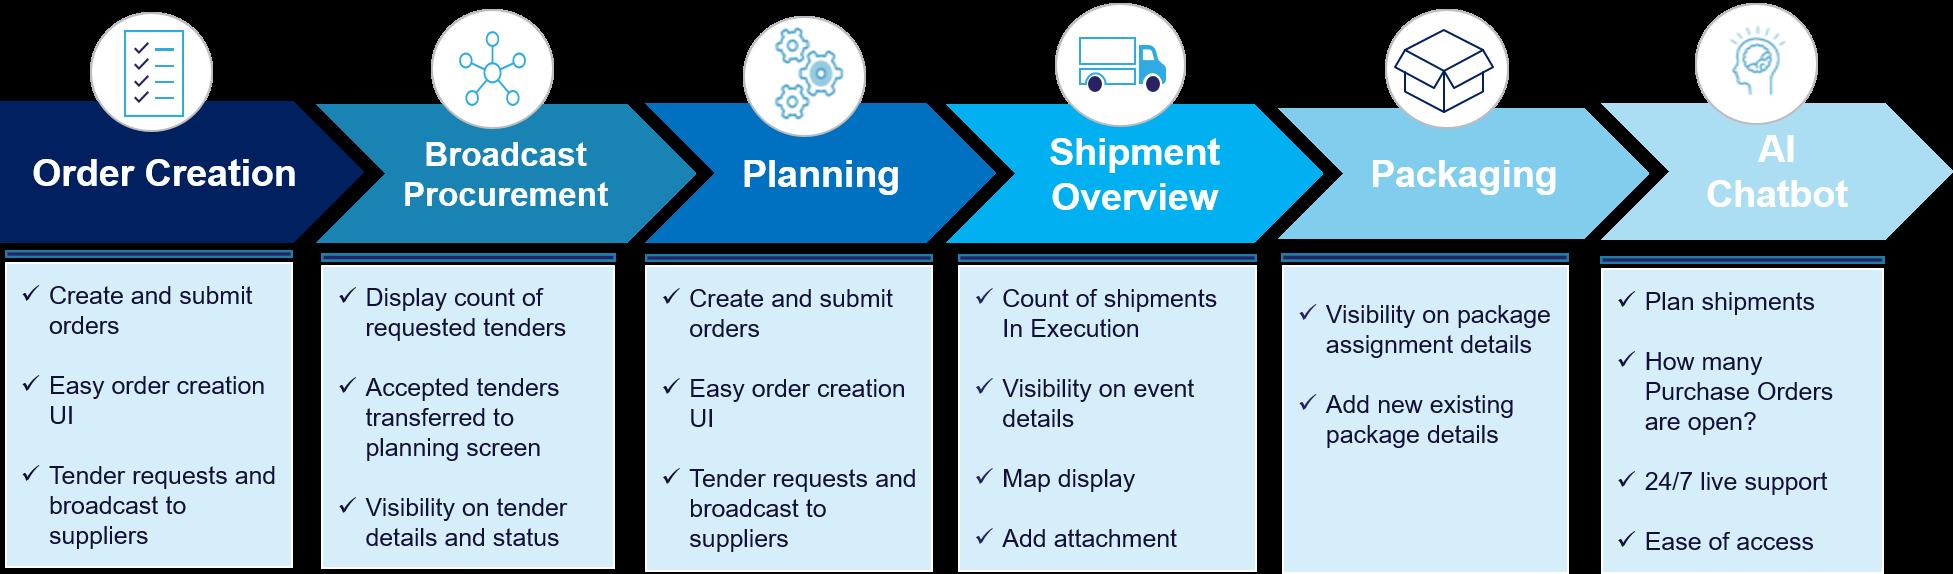 Novigo Supplier Collaboration Capabilities